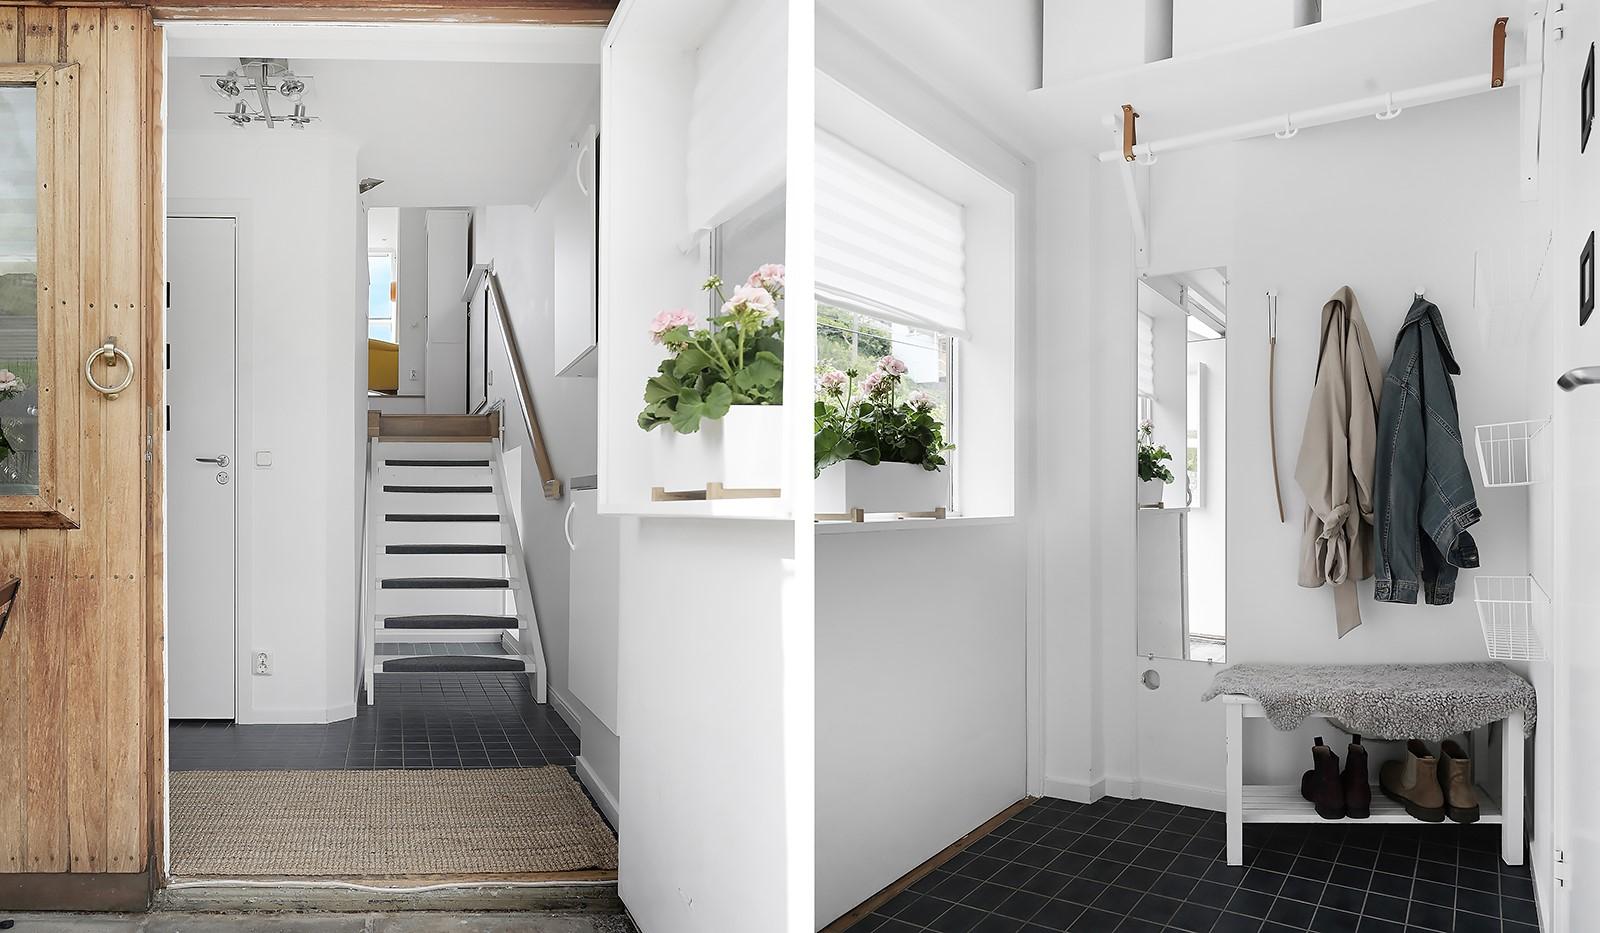 Backebogatan 20 - Hall och trapp upp till vindsvåningen